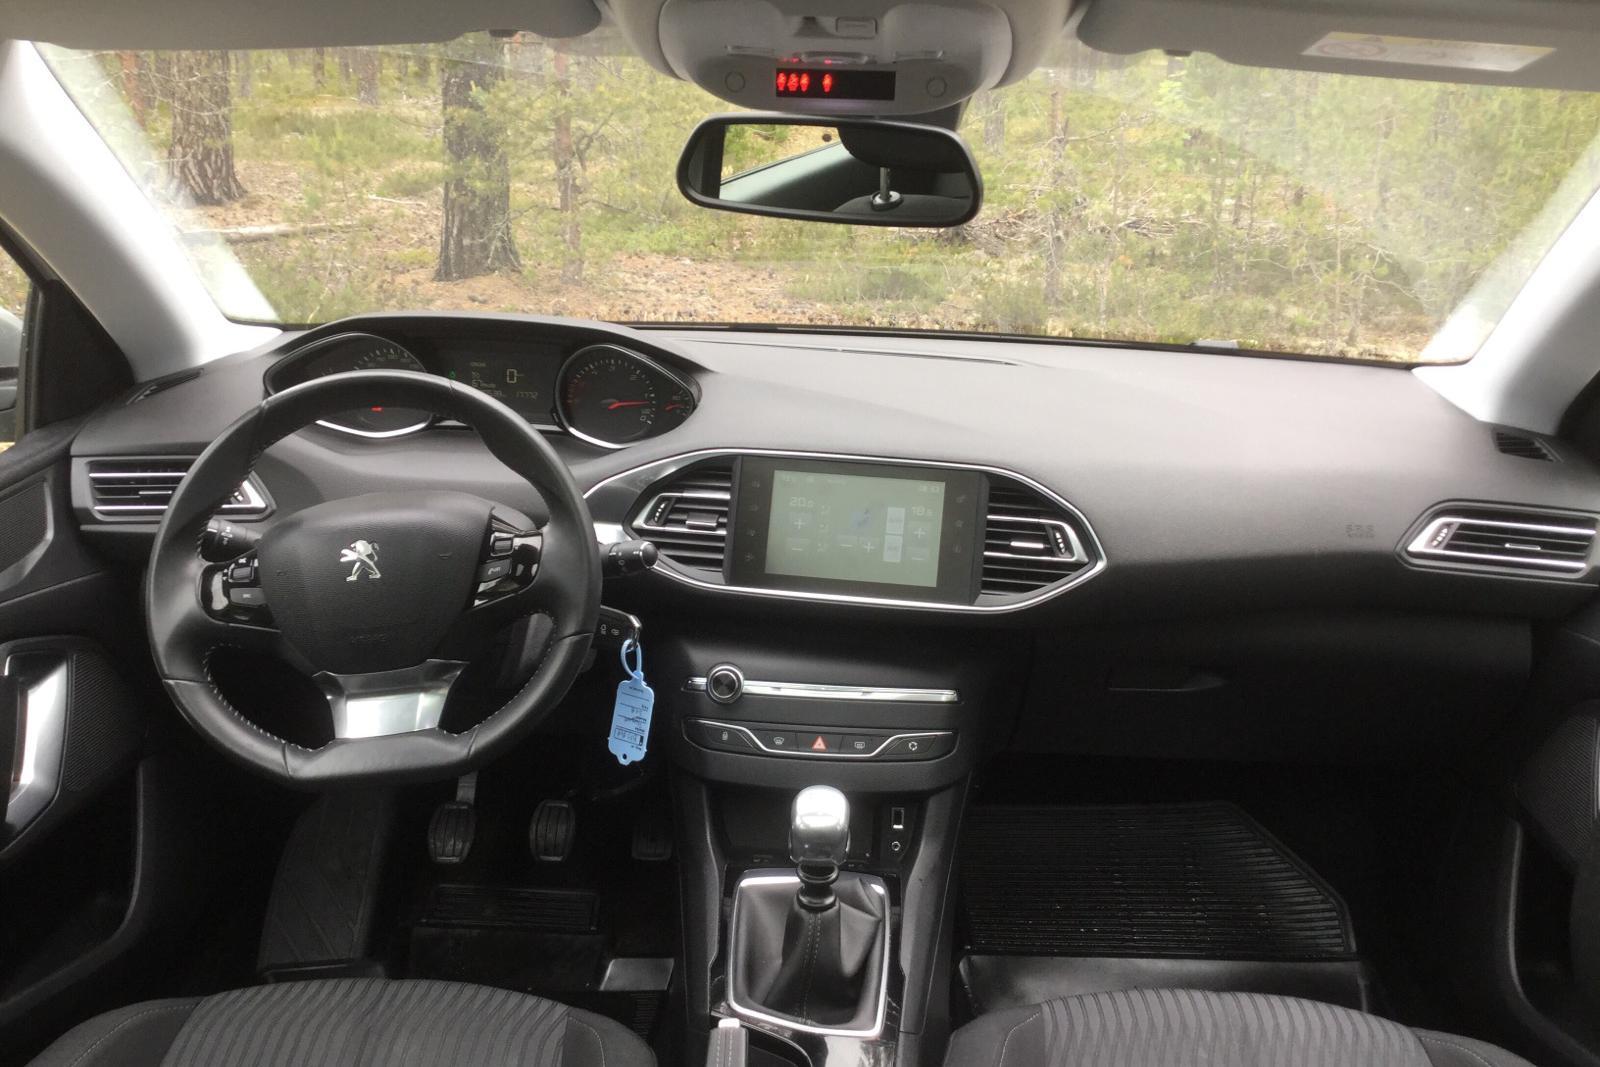 Peugeot 308 1 6 e-HDi   kvdcars com